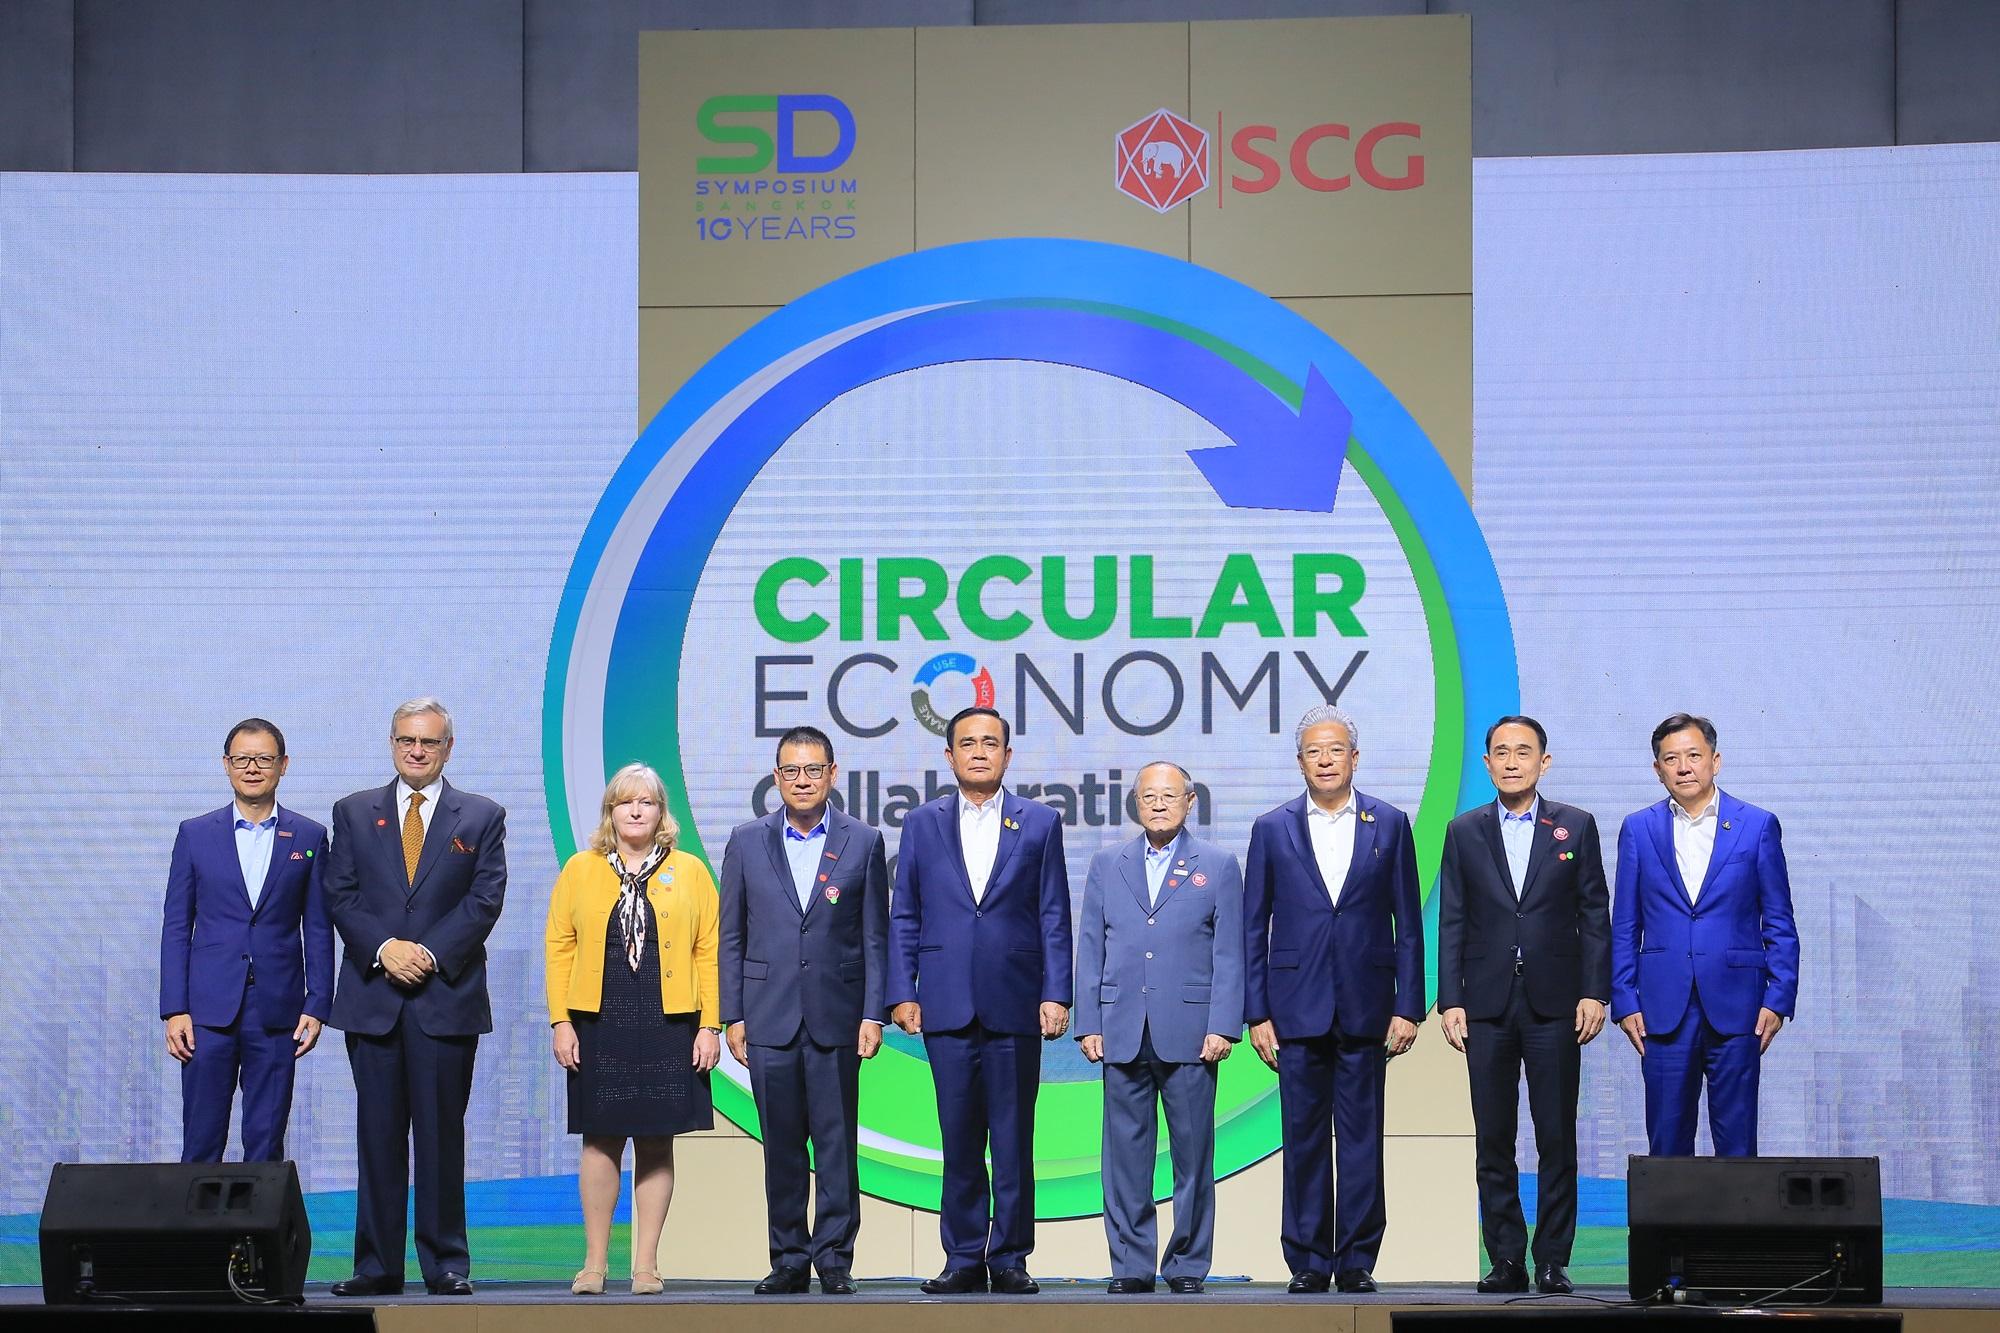 """อทช. เข้าร่วมงาน SD Symposium 10 Years """"Circular Economy: Collaboration for Action"""""""